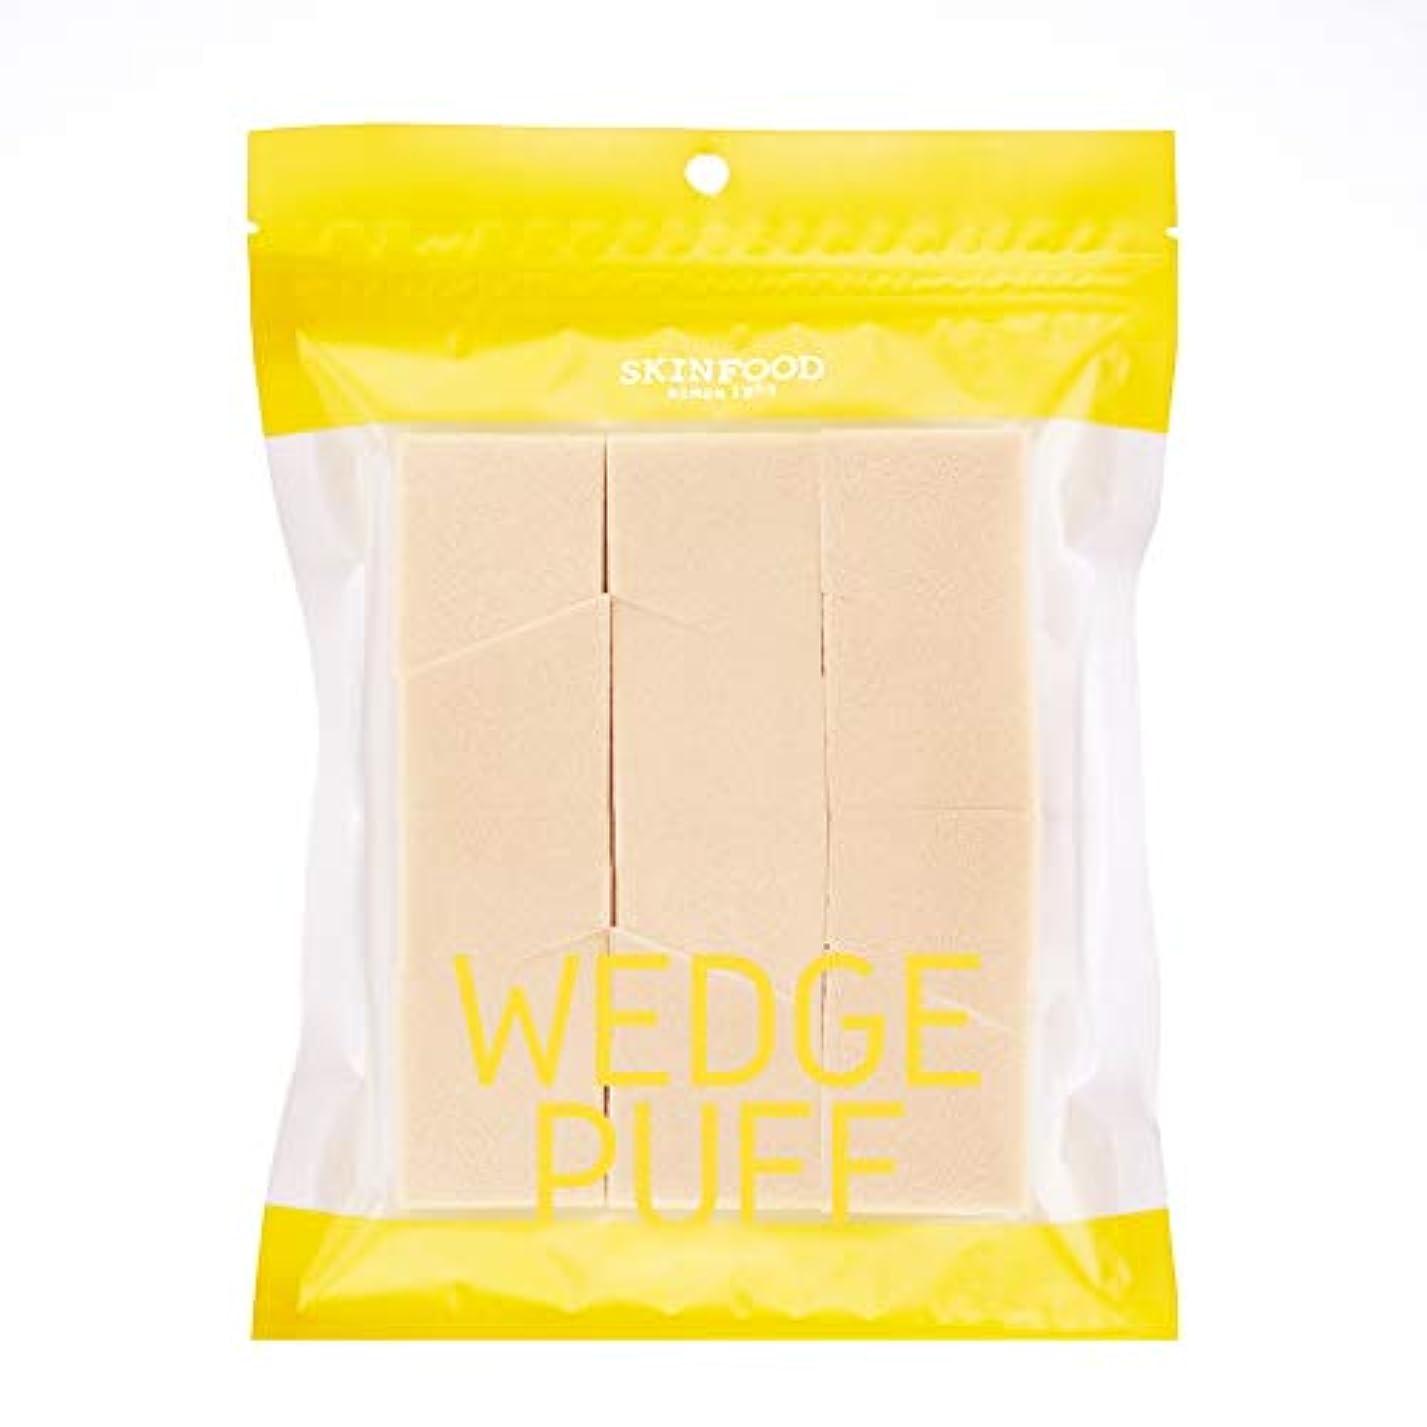 アブストラクトデッキ提供された[2016 New] SKINFOOD Wedge Puff Sponge Jumbo Size (12pcs)/スキンフード ウェッジ パフ スポンジ ジャンボサイズ (12個入り)